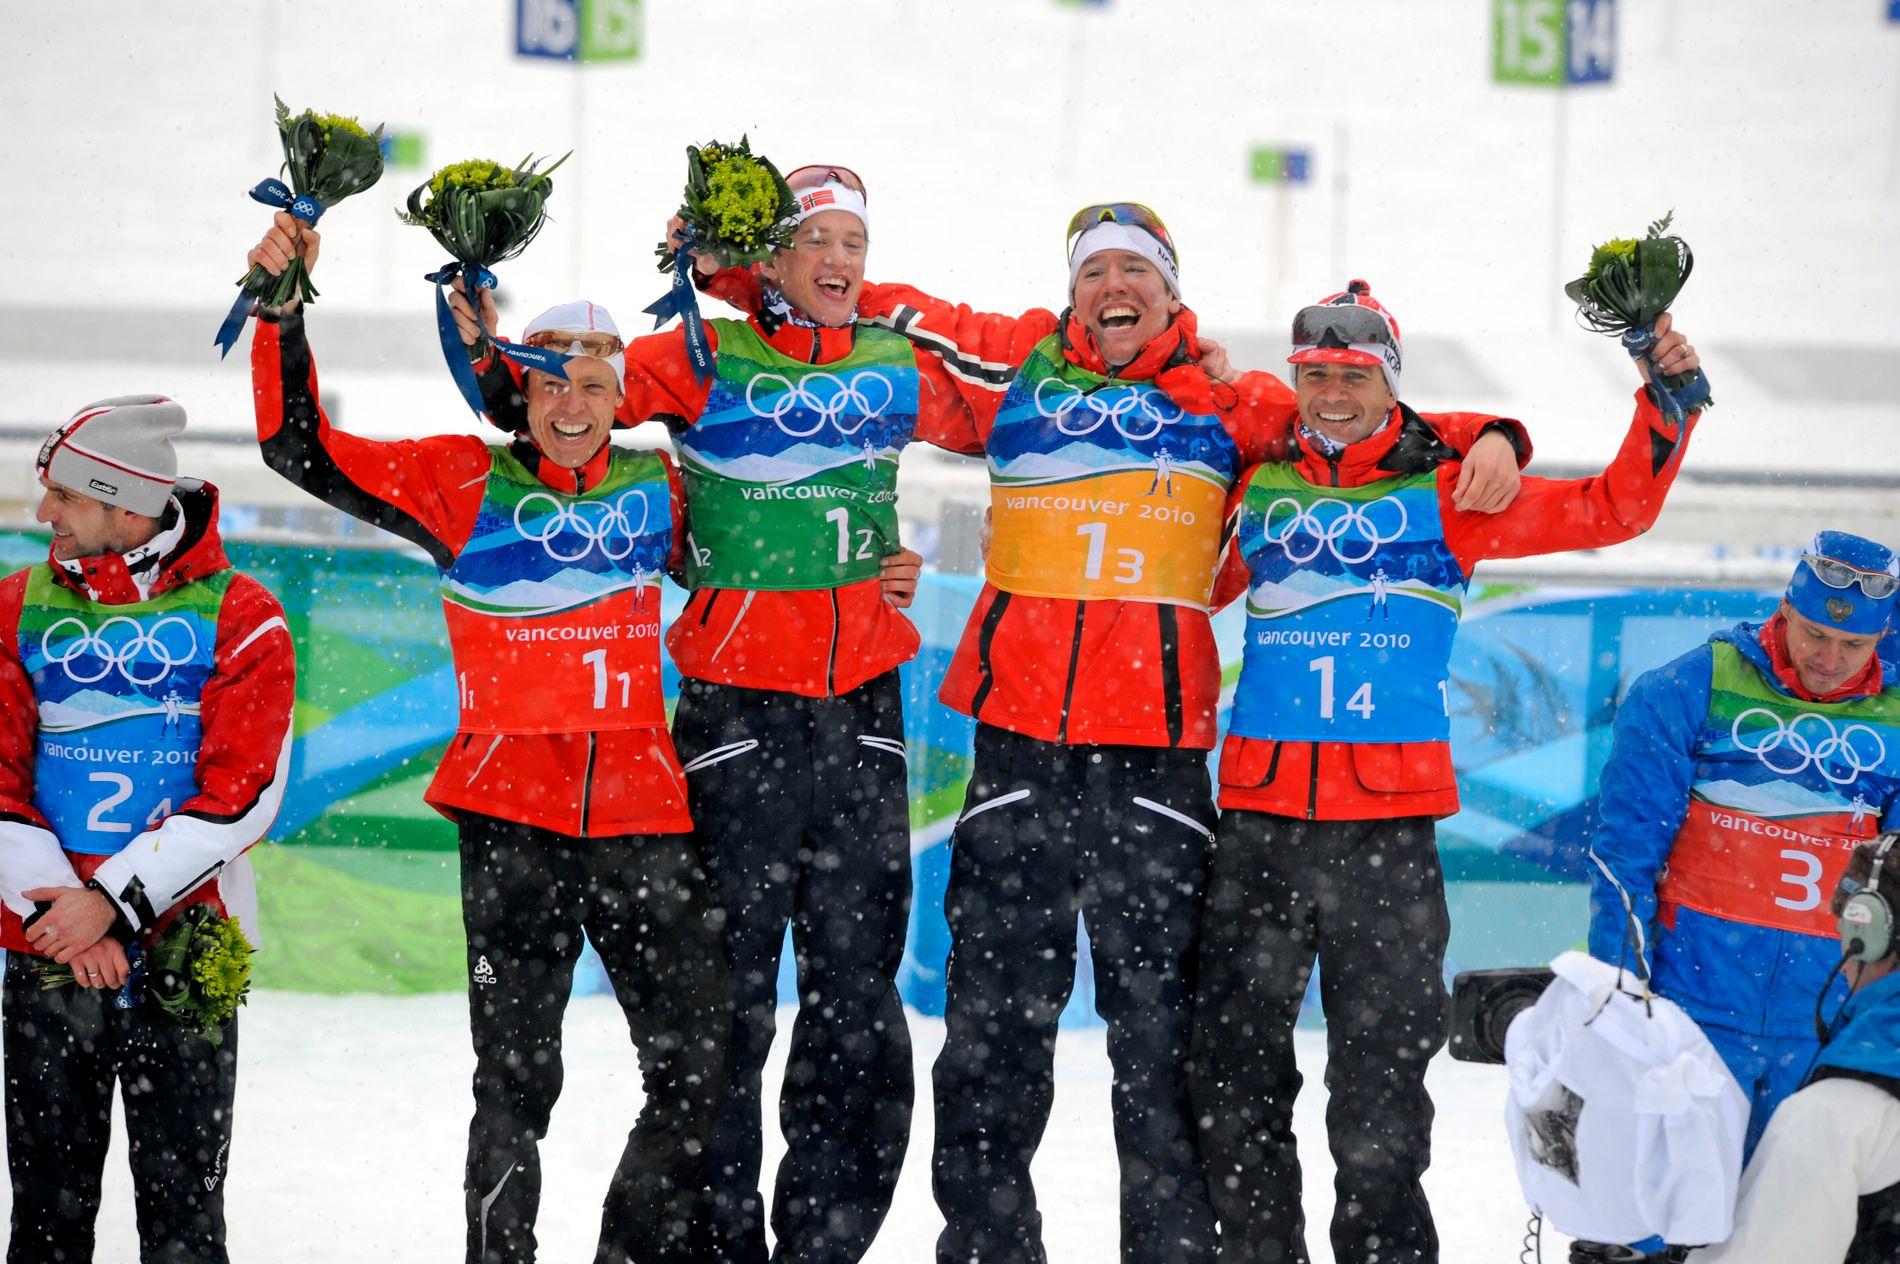 STAFETTGULL: Halvard Hanevold, Tarjei Bø, Emil Hegle Svendsen og Ole Einar Bjørndalen jubler for OL-gull på stafetten i 2010.